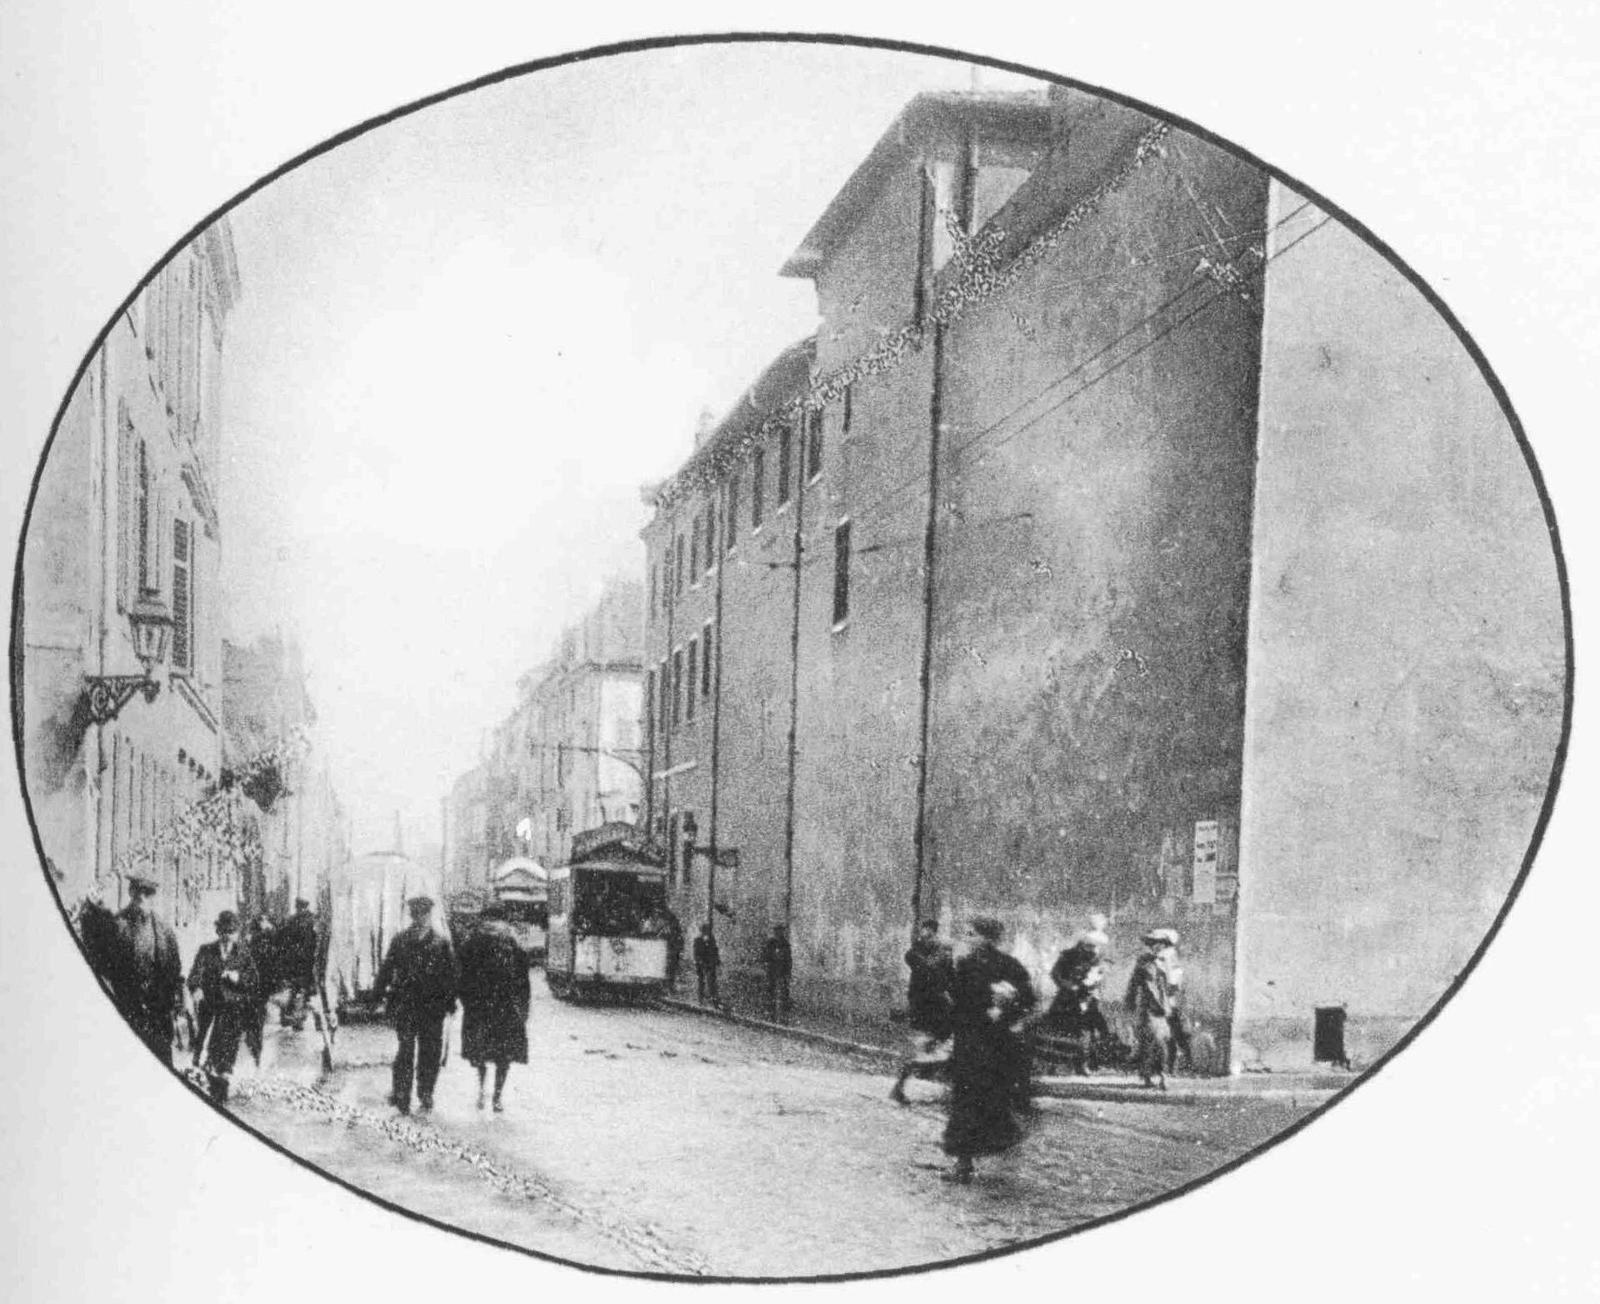 Maison de Secours angle rue Charles III et rue des Ponts - Nancy